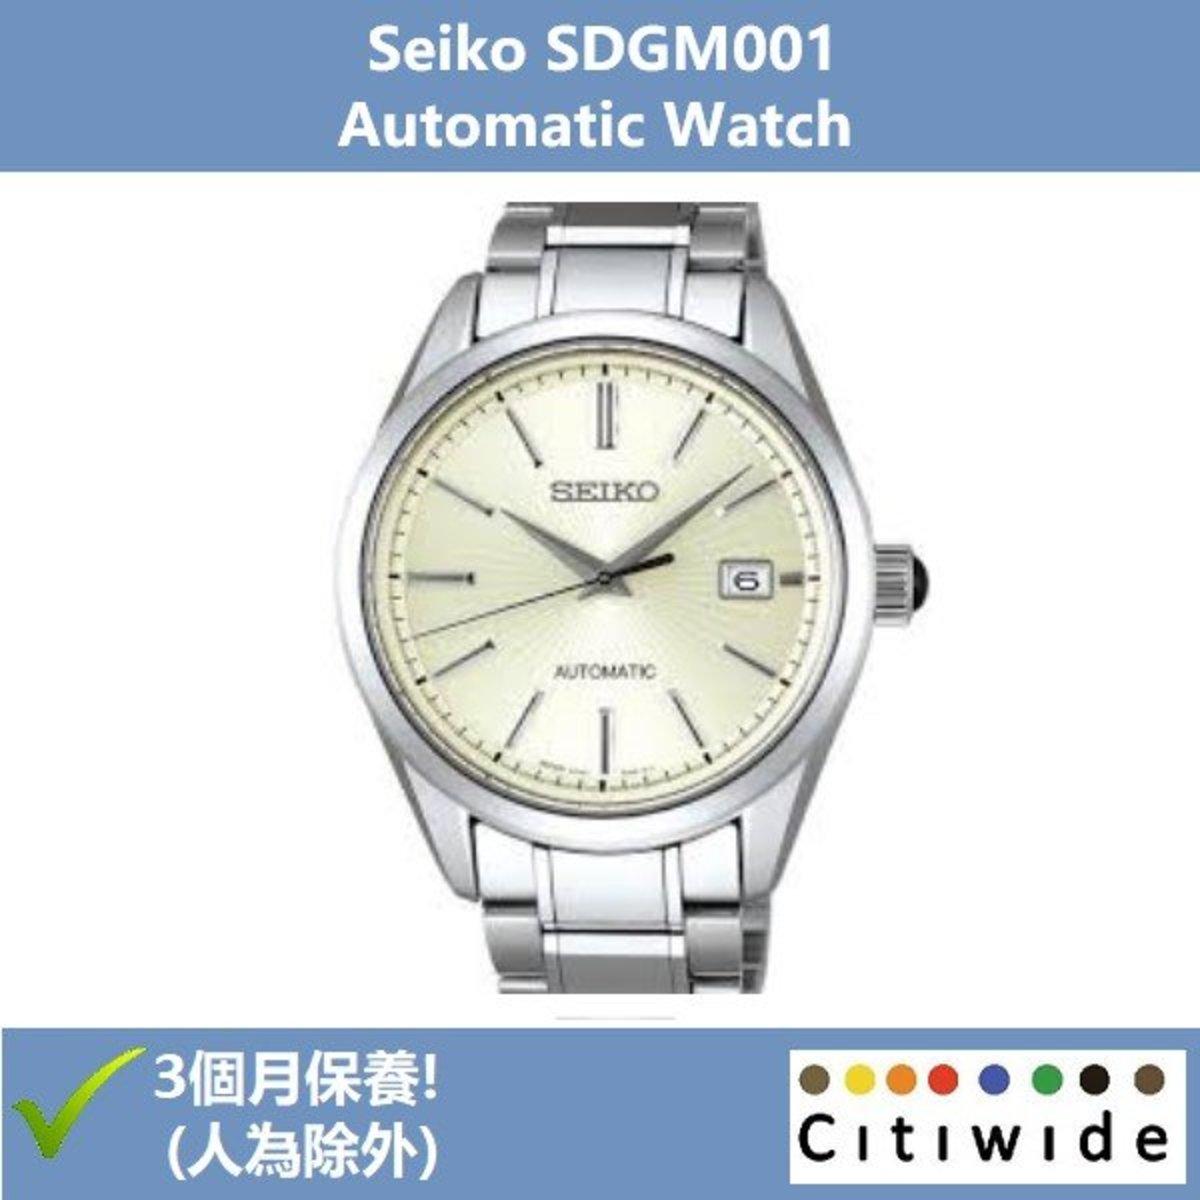 (3個月保養)日本進口 Seiko精工SDGM001 男裝自動機械手錶(平行進口產品)